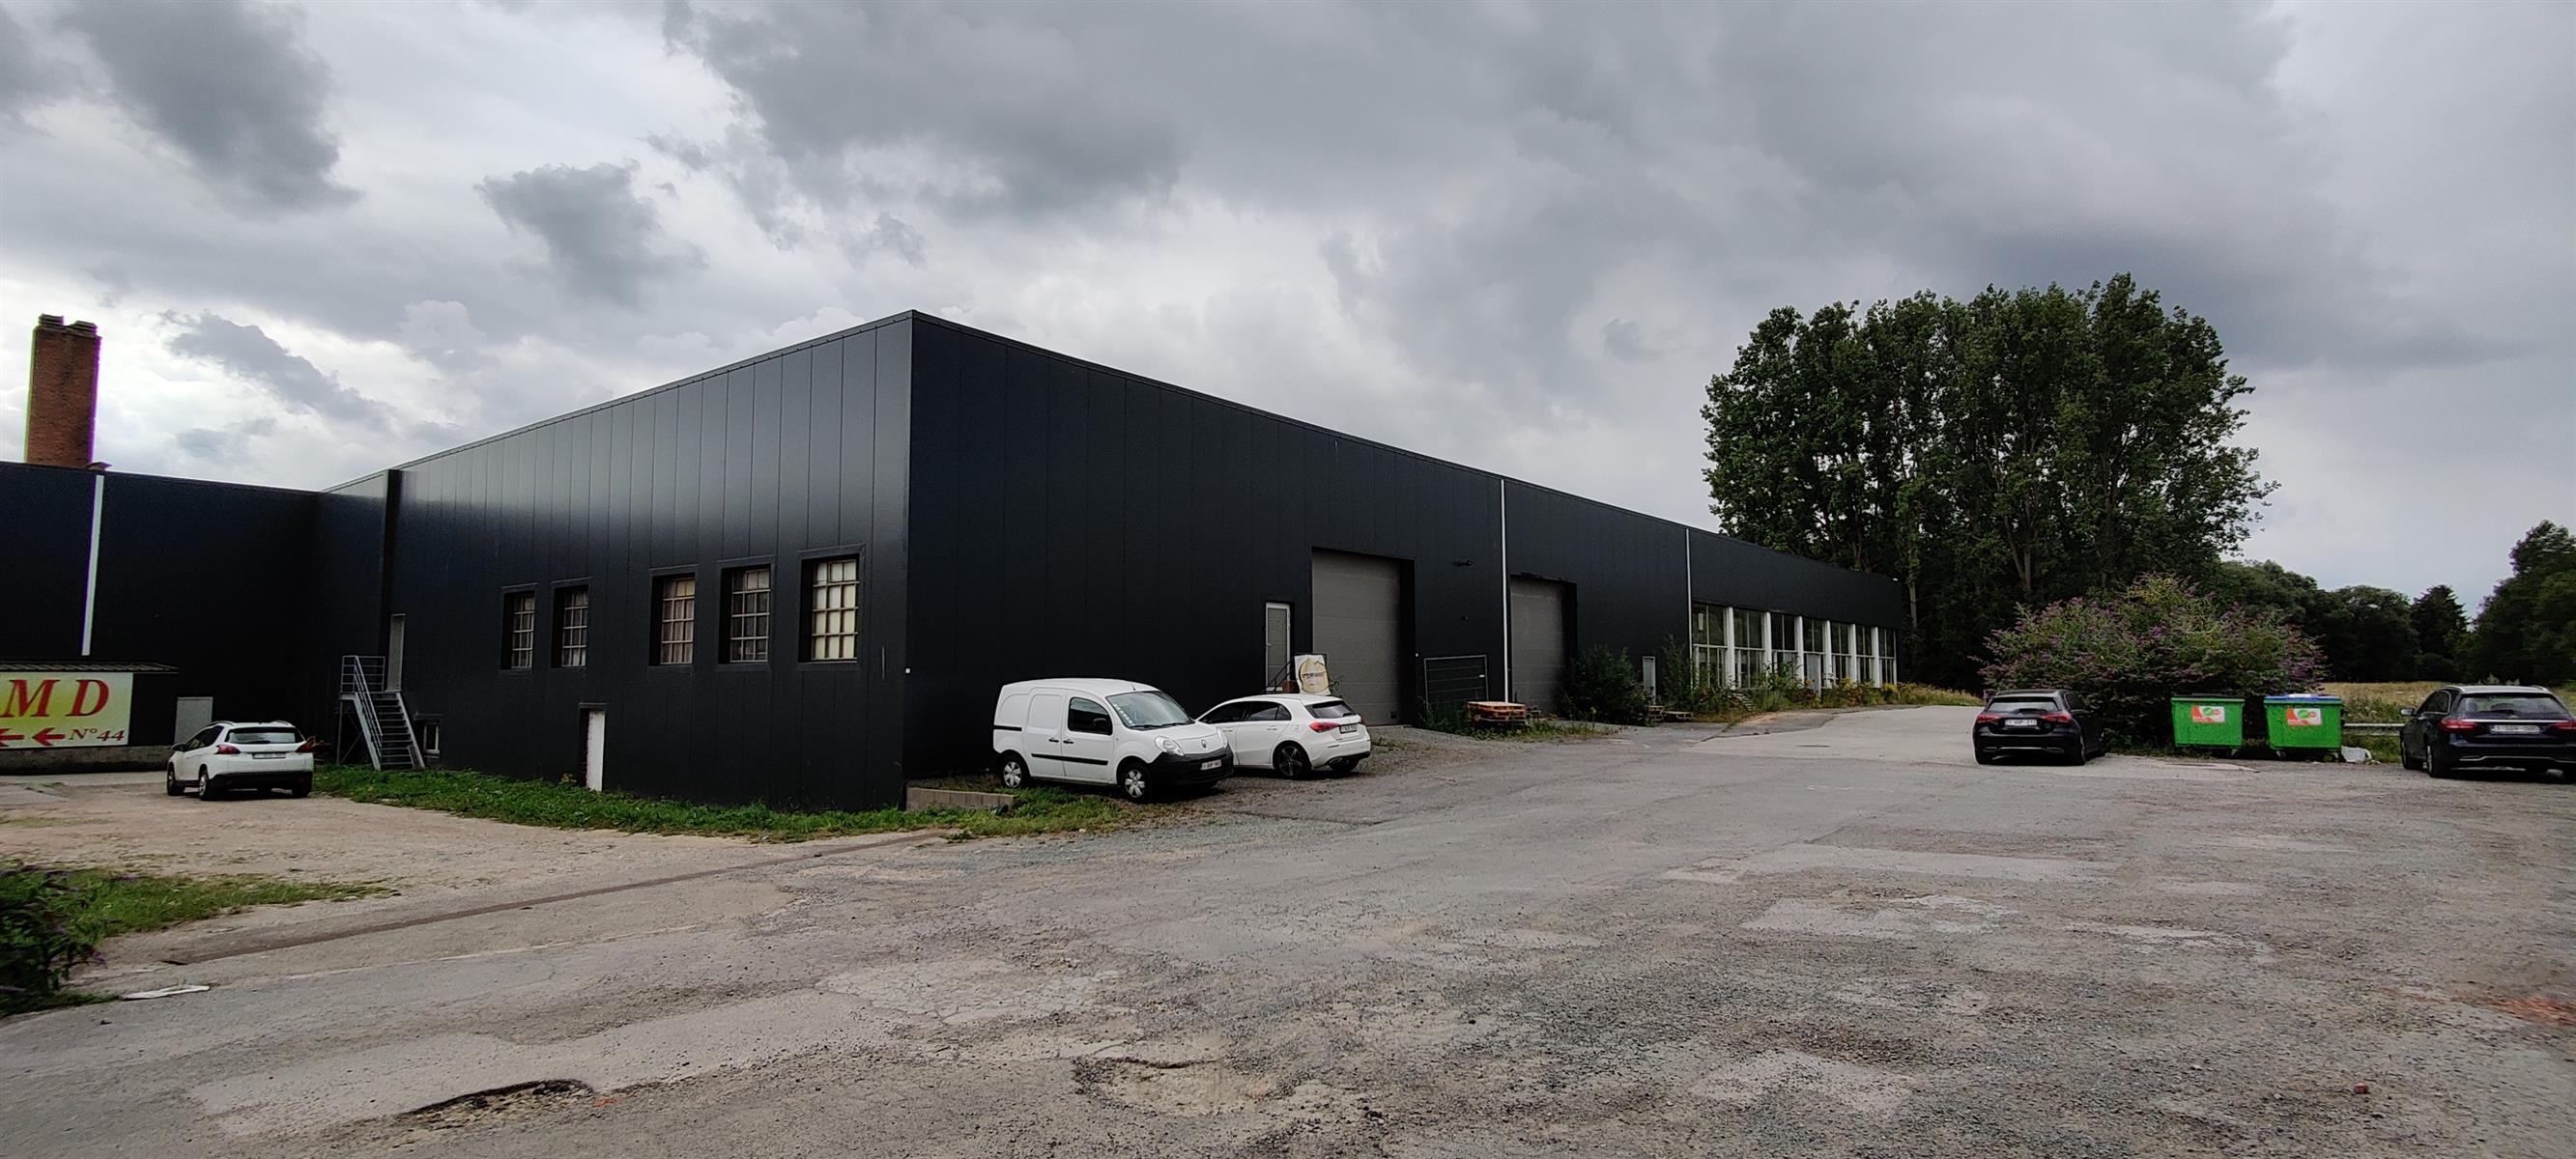 opslagplaats te huur I158 - Lumbeekstraat 38, 1700 Dilbeek Sint-Ulriks-Kapelle, België 4